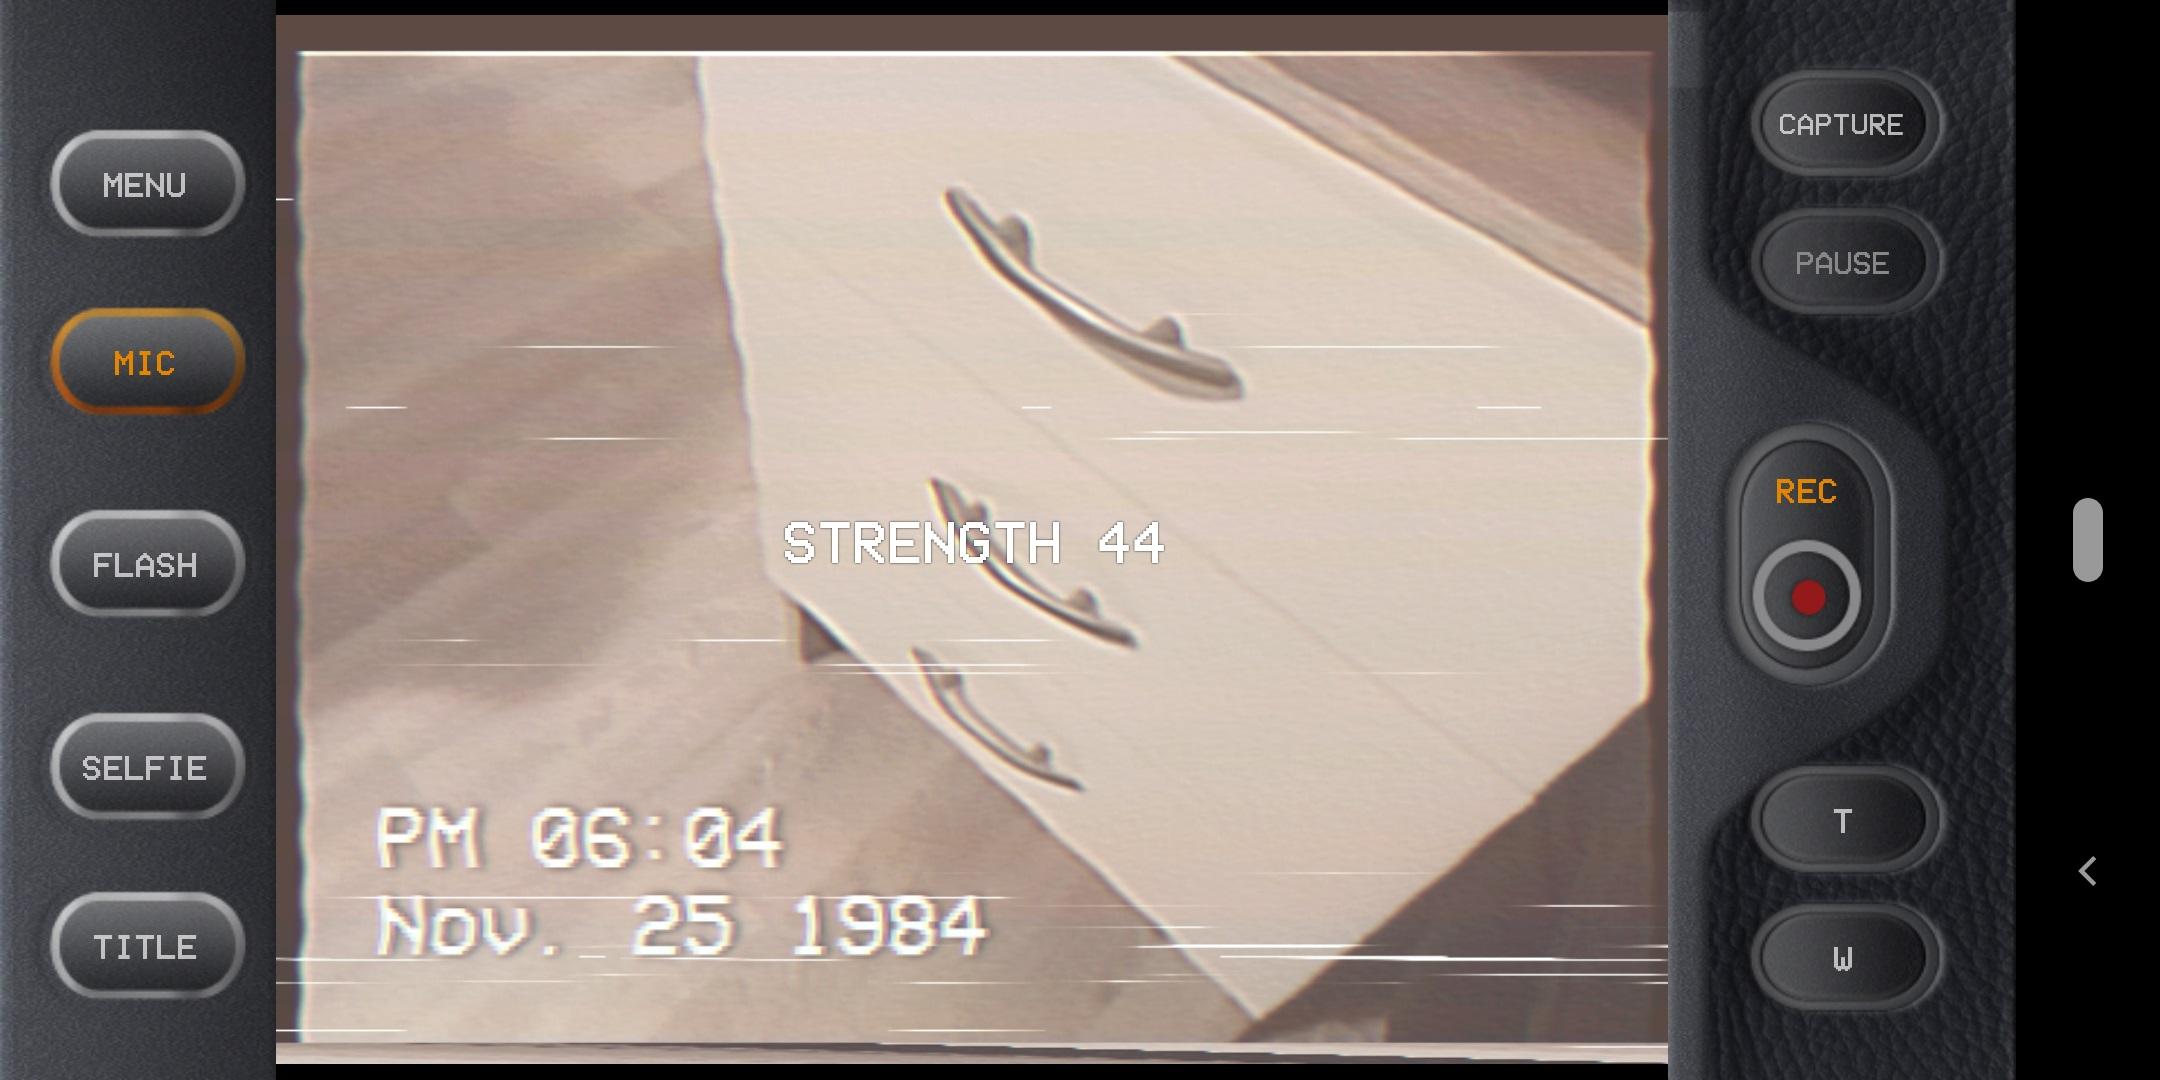 جديد التطبيقات: 1984 Cam لالتقاط مقاطع فيديو بالصبغة القديمة